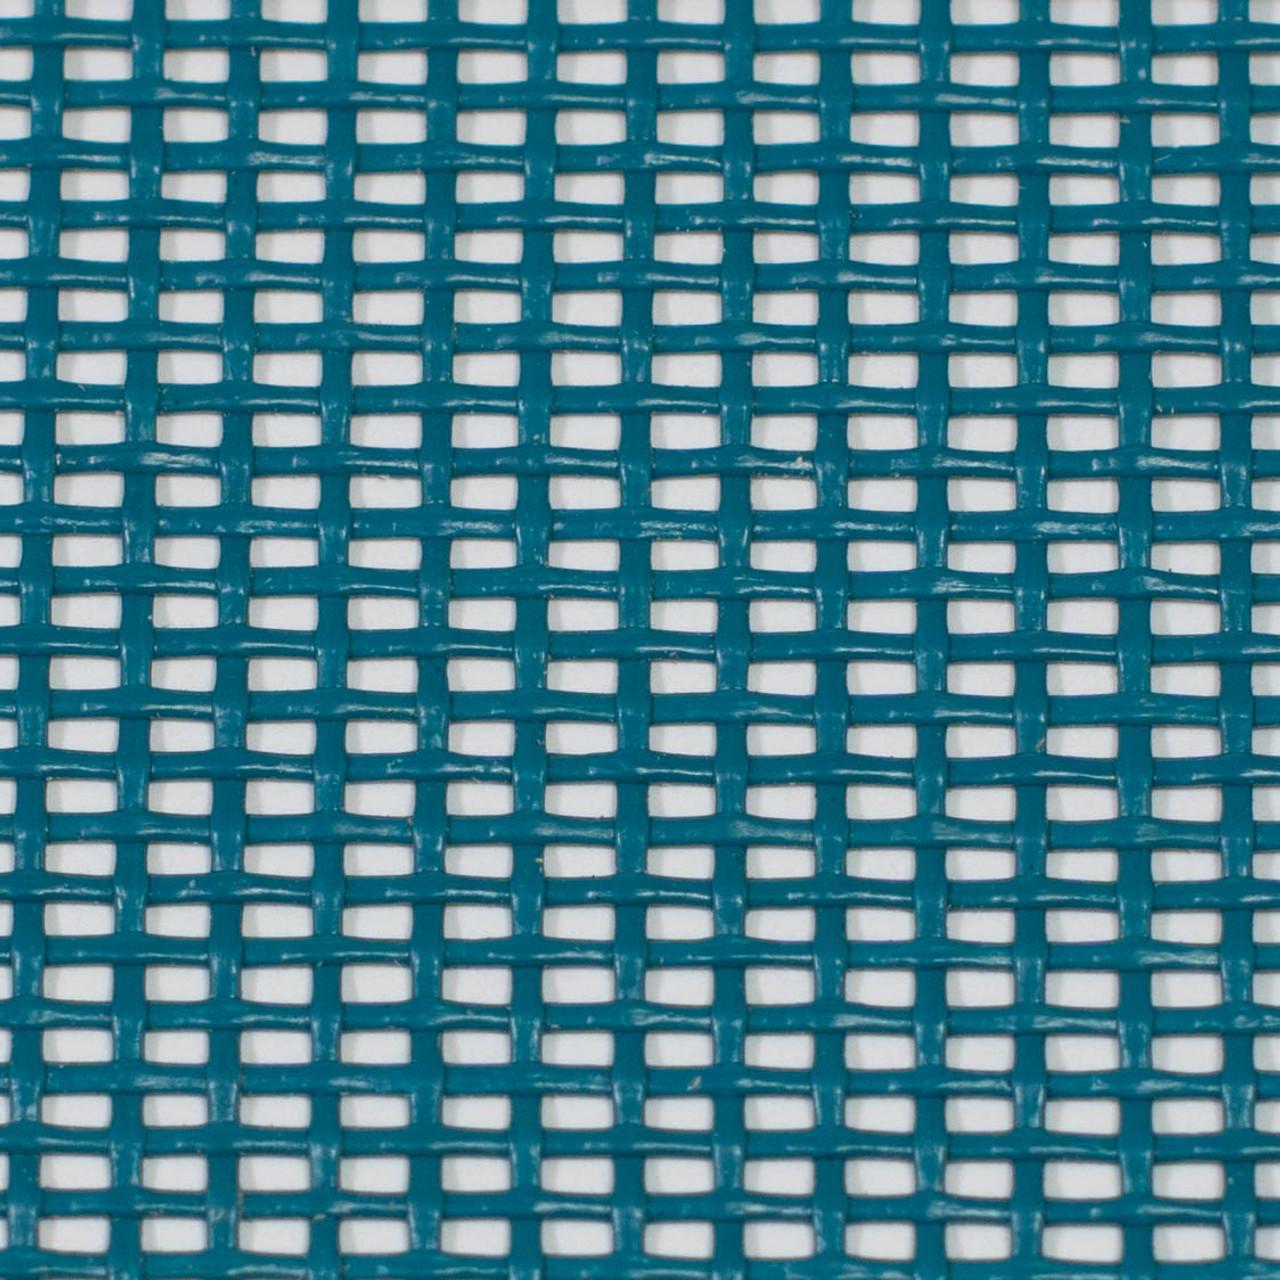 Mayan Teal Pet Screen 54 Inch x 25 Ft